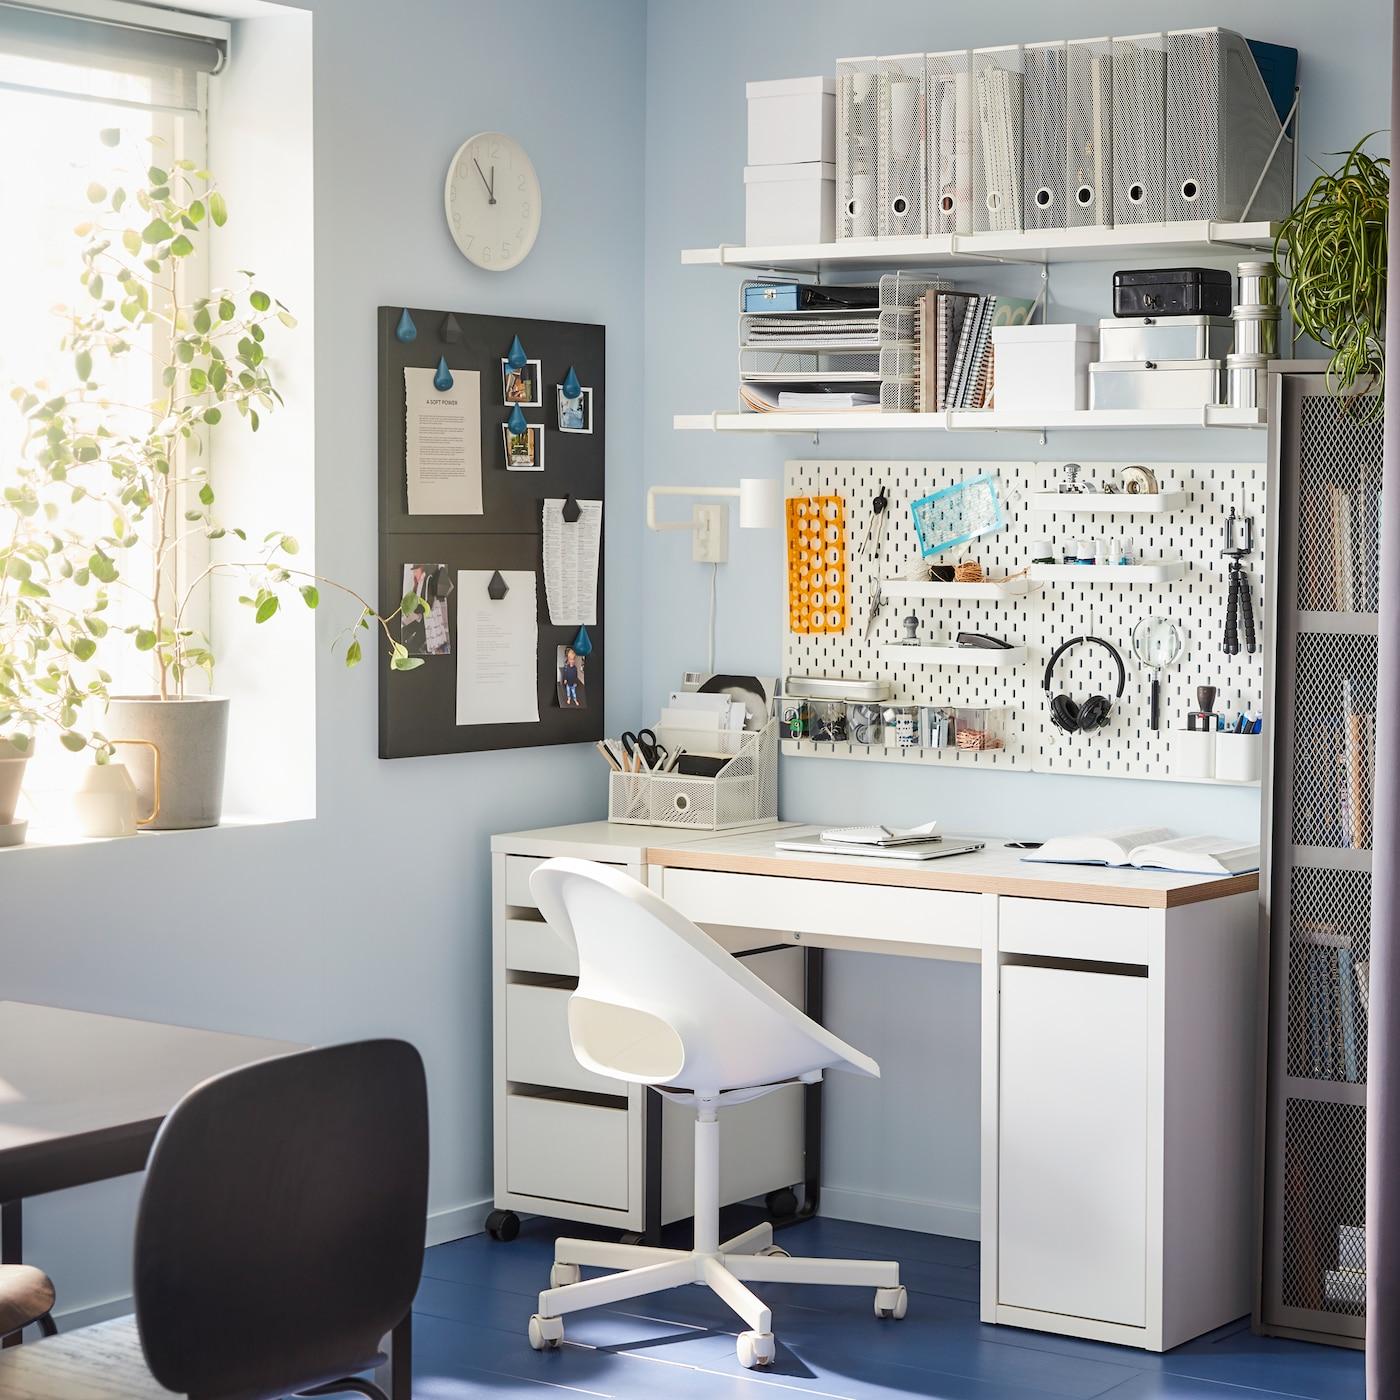 Biurko, krzesło obrotowe, dwie półki ścienne i tablica perforowana w kolorze białym, szara szafka i okno z szarą roletą.